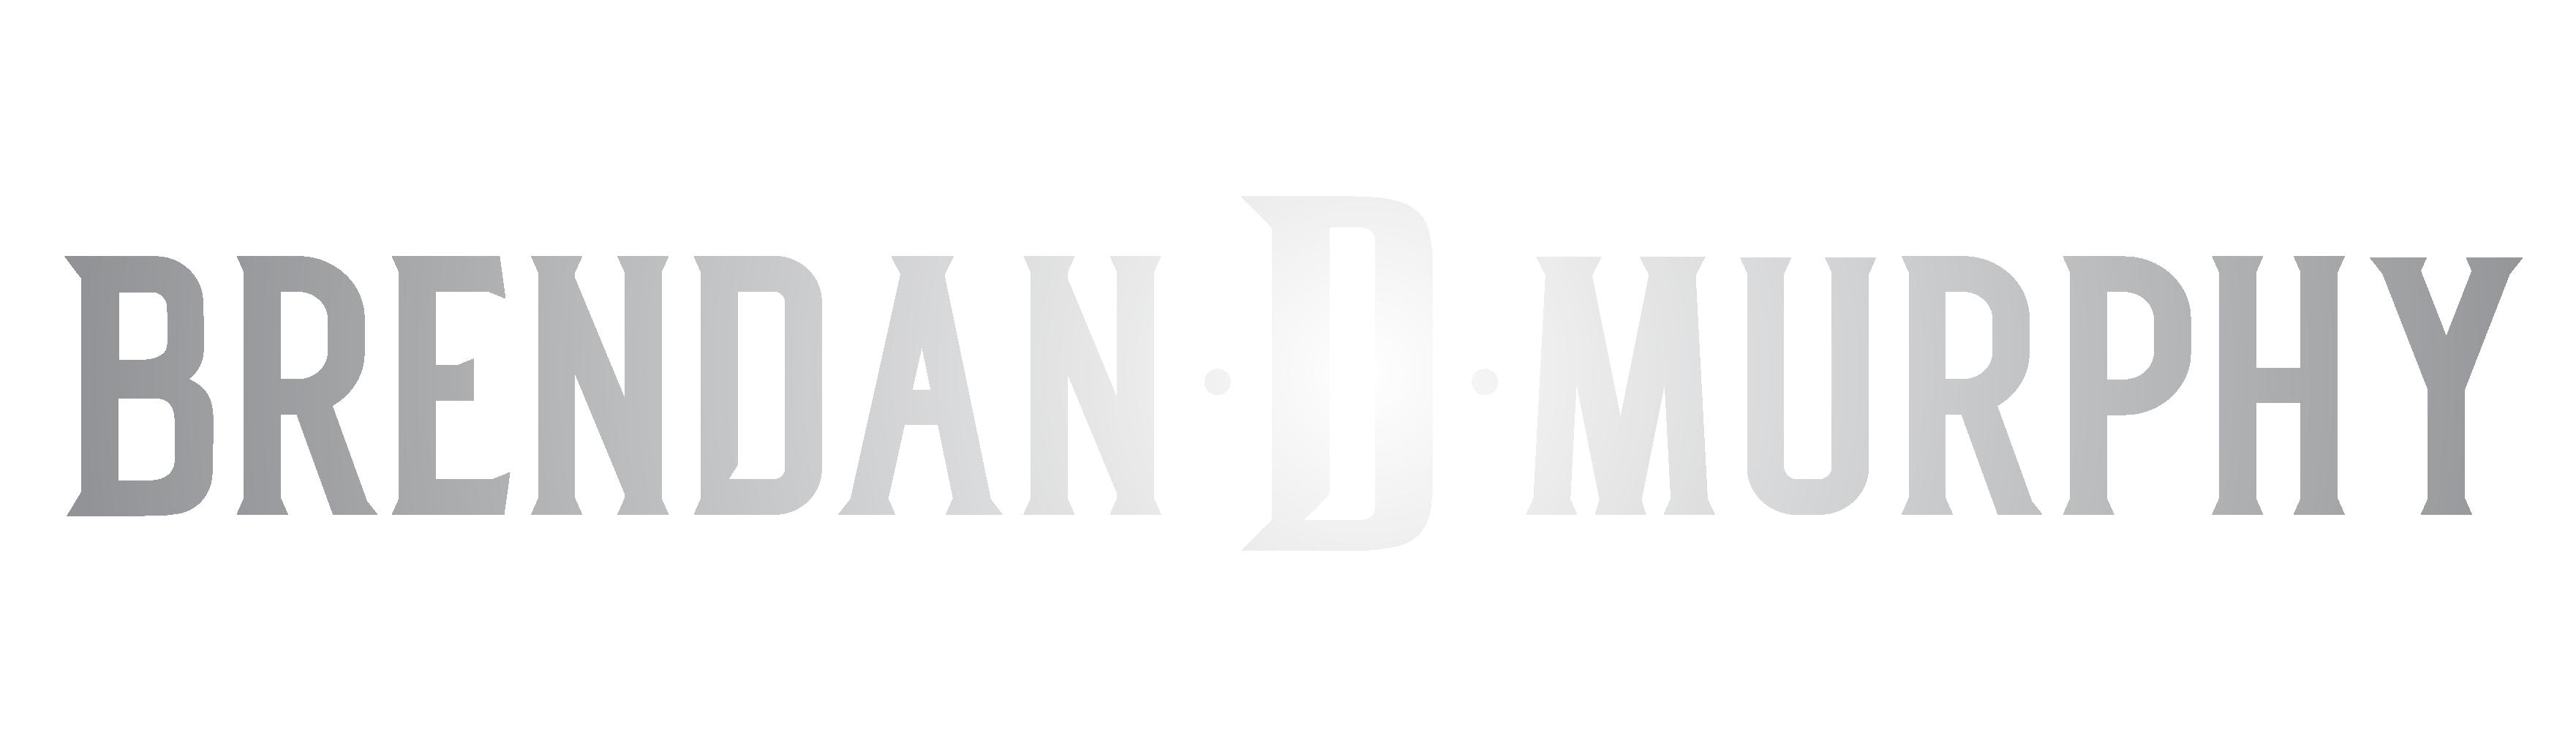 Z2zlvqjqqnizlfxqv7dl bdm001 logo primary lightgradient